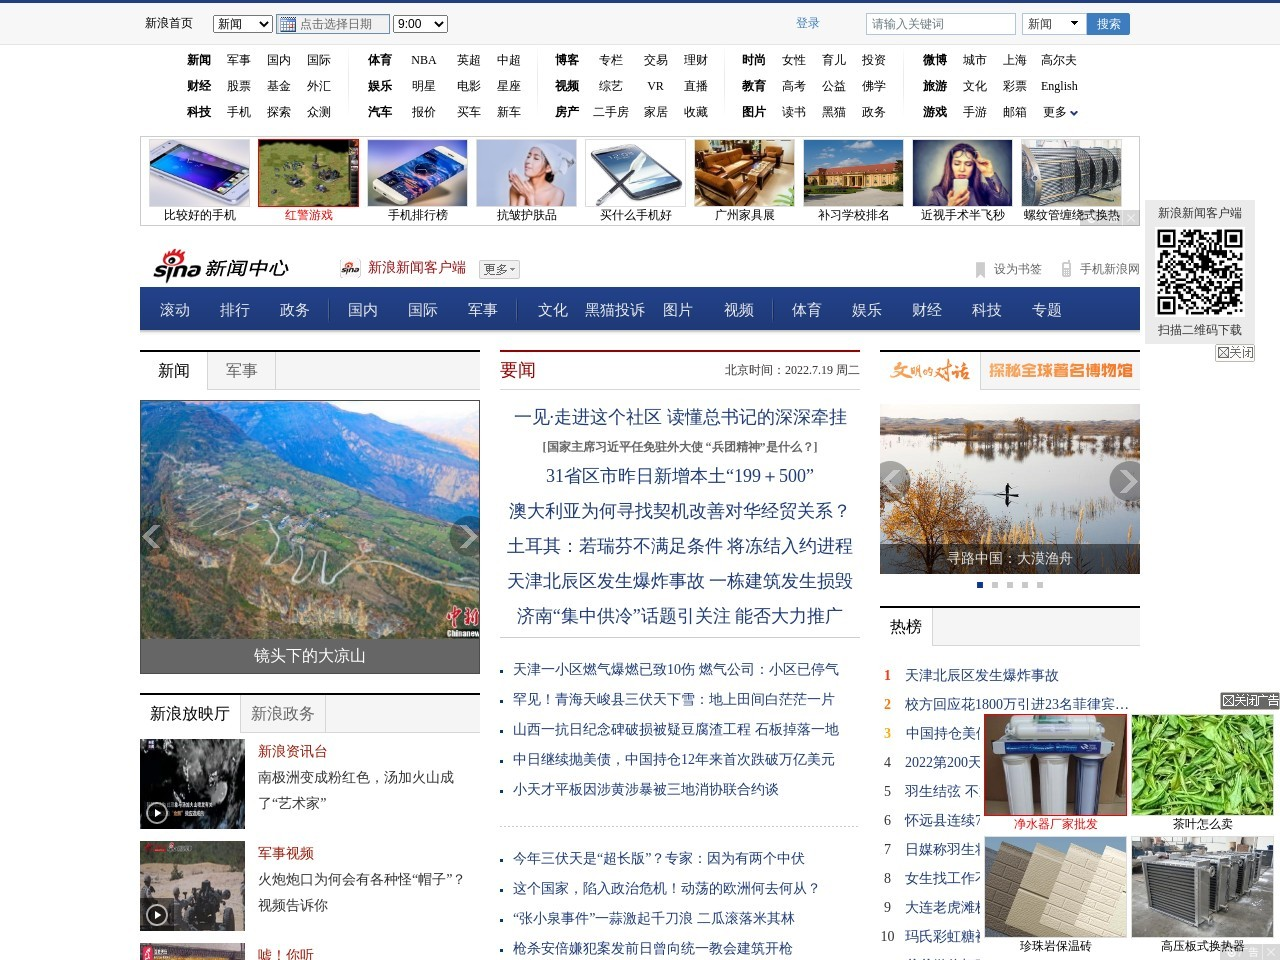 十年一遇黑中国的机会,他们终于等到了|纽约时报|蒙古国|中国_新浪新闻